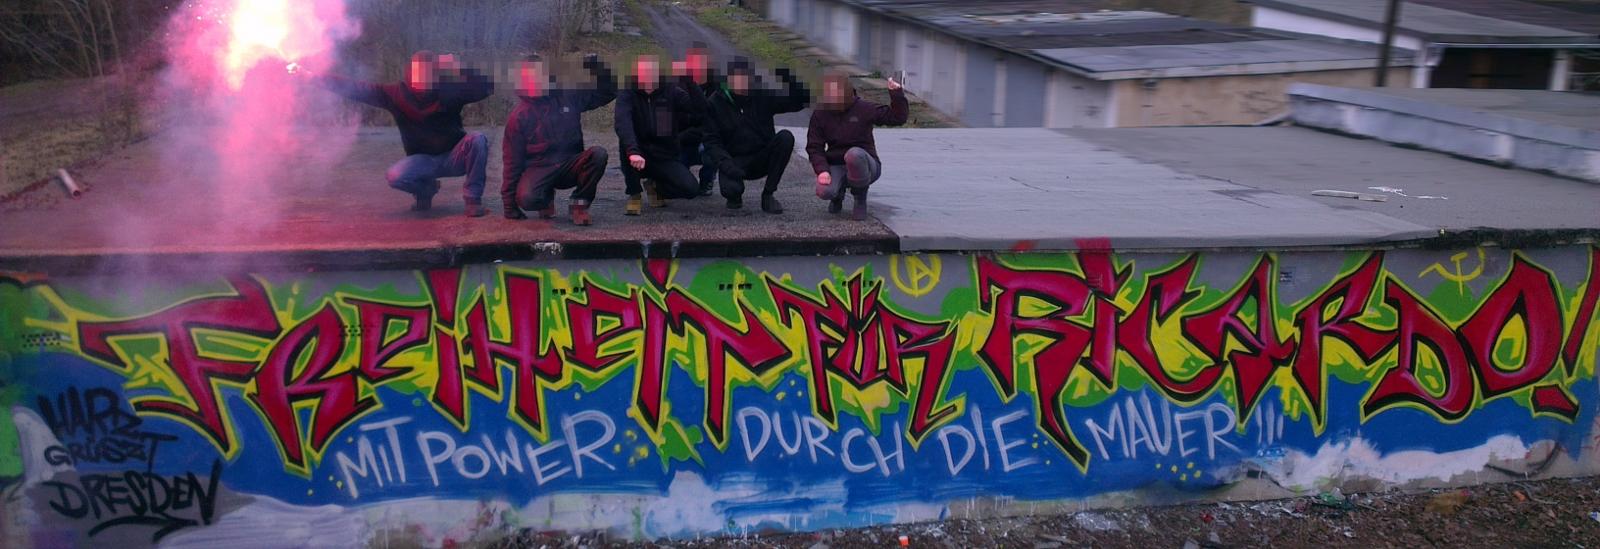 Graffiti - Freiheit für R.! Mit Power durch die Mauer!